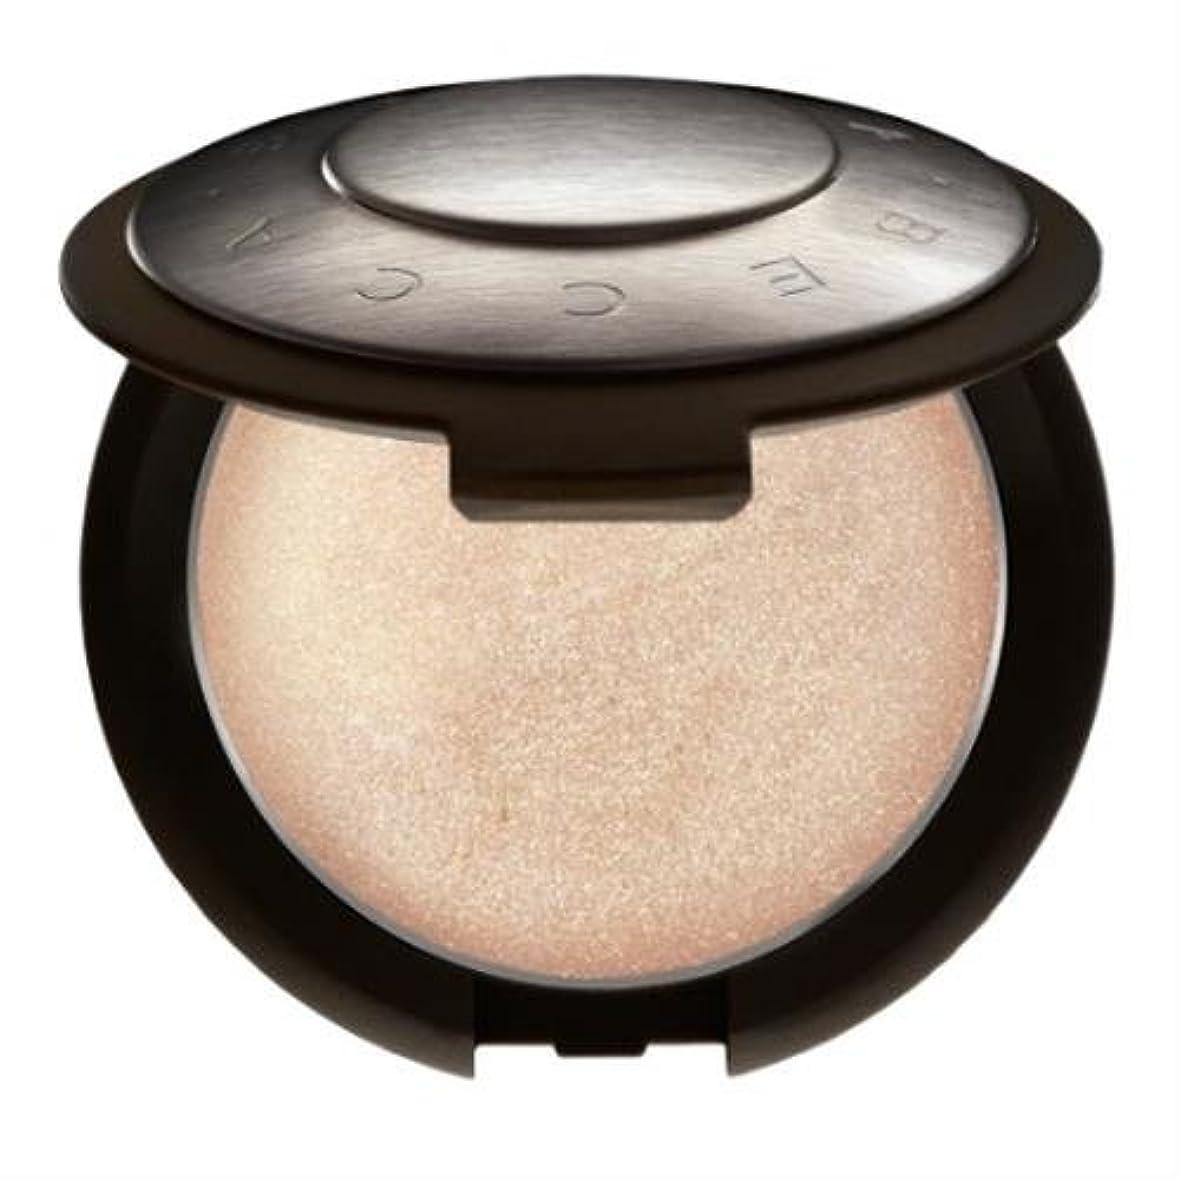 学習起きろ解説Becca Cosmetics Shimmering Skin Perfector Poured - Moonstone (並行輸入品) [並行輸入品]